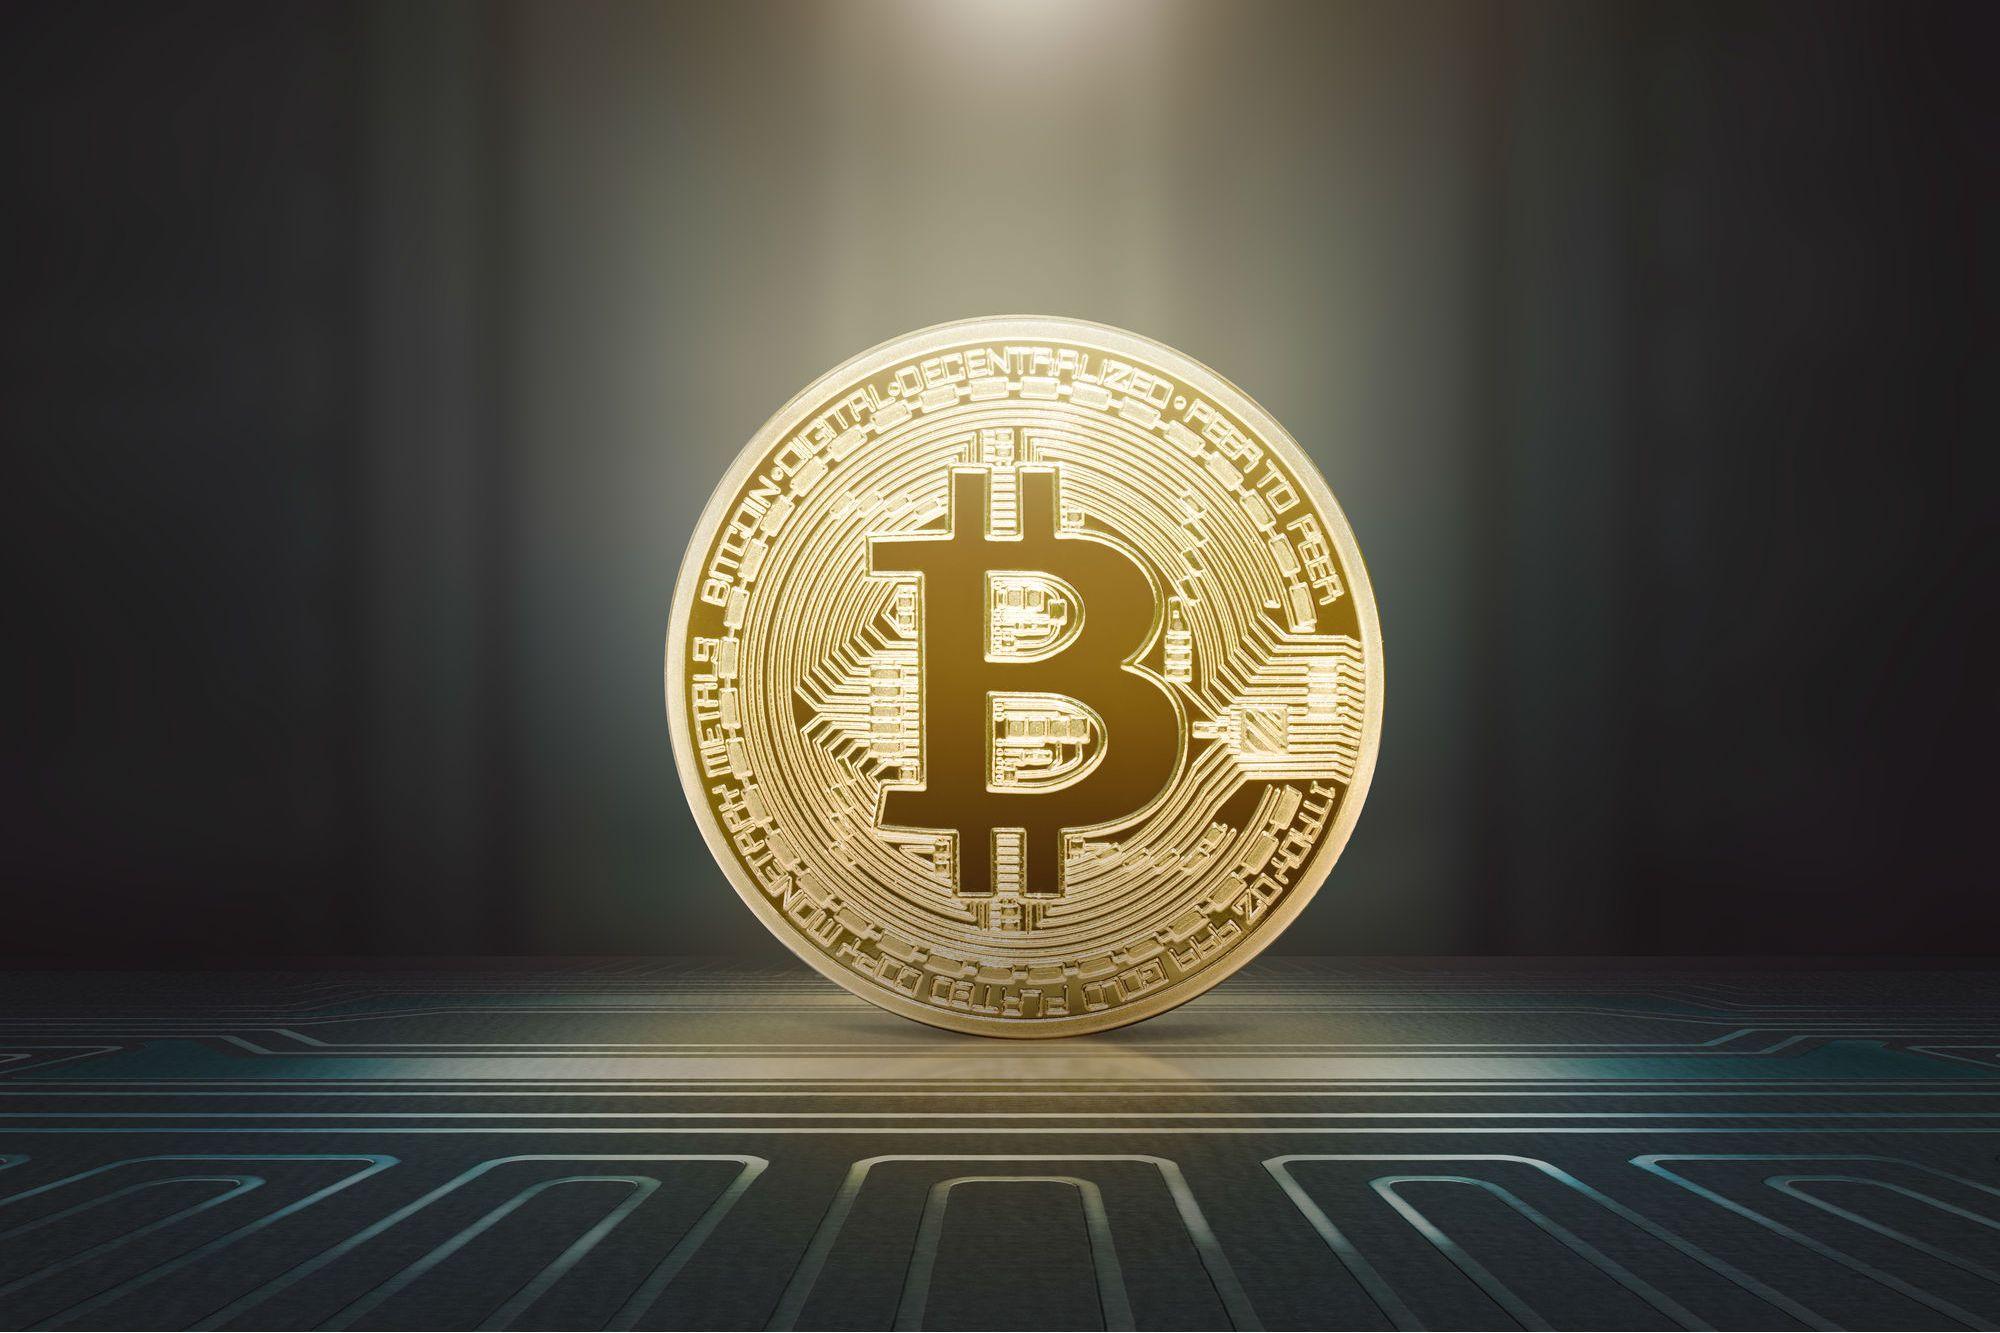 bitcoinde hareket devam edecek mi